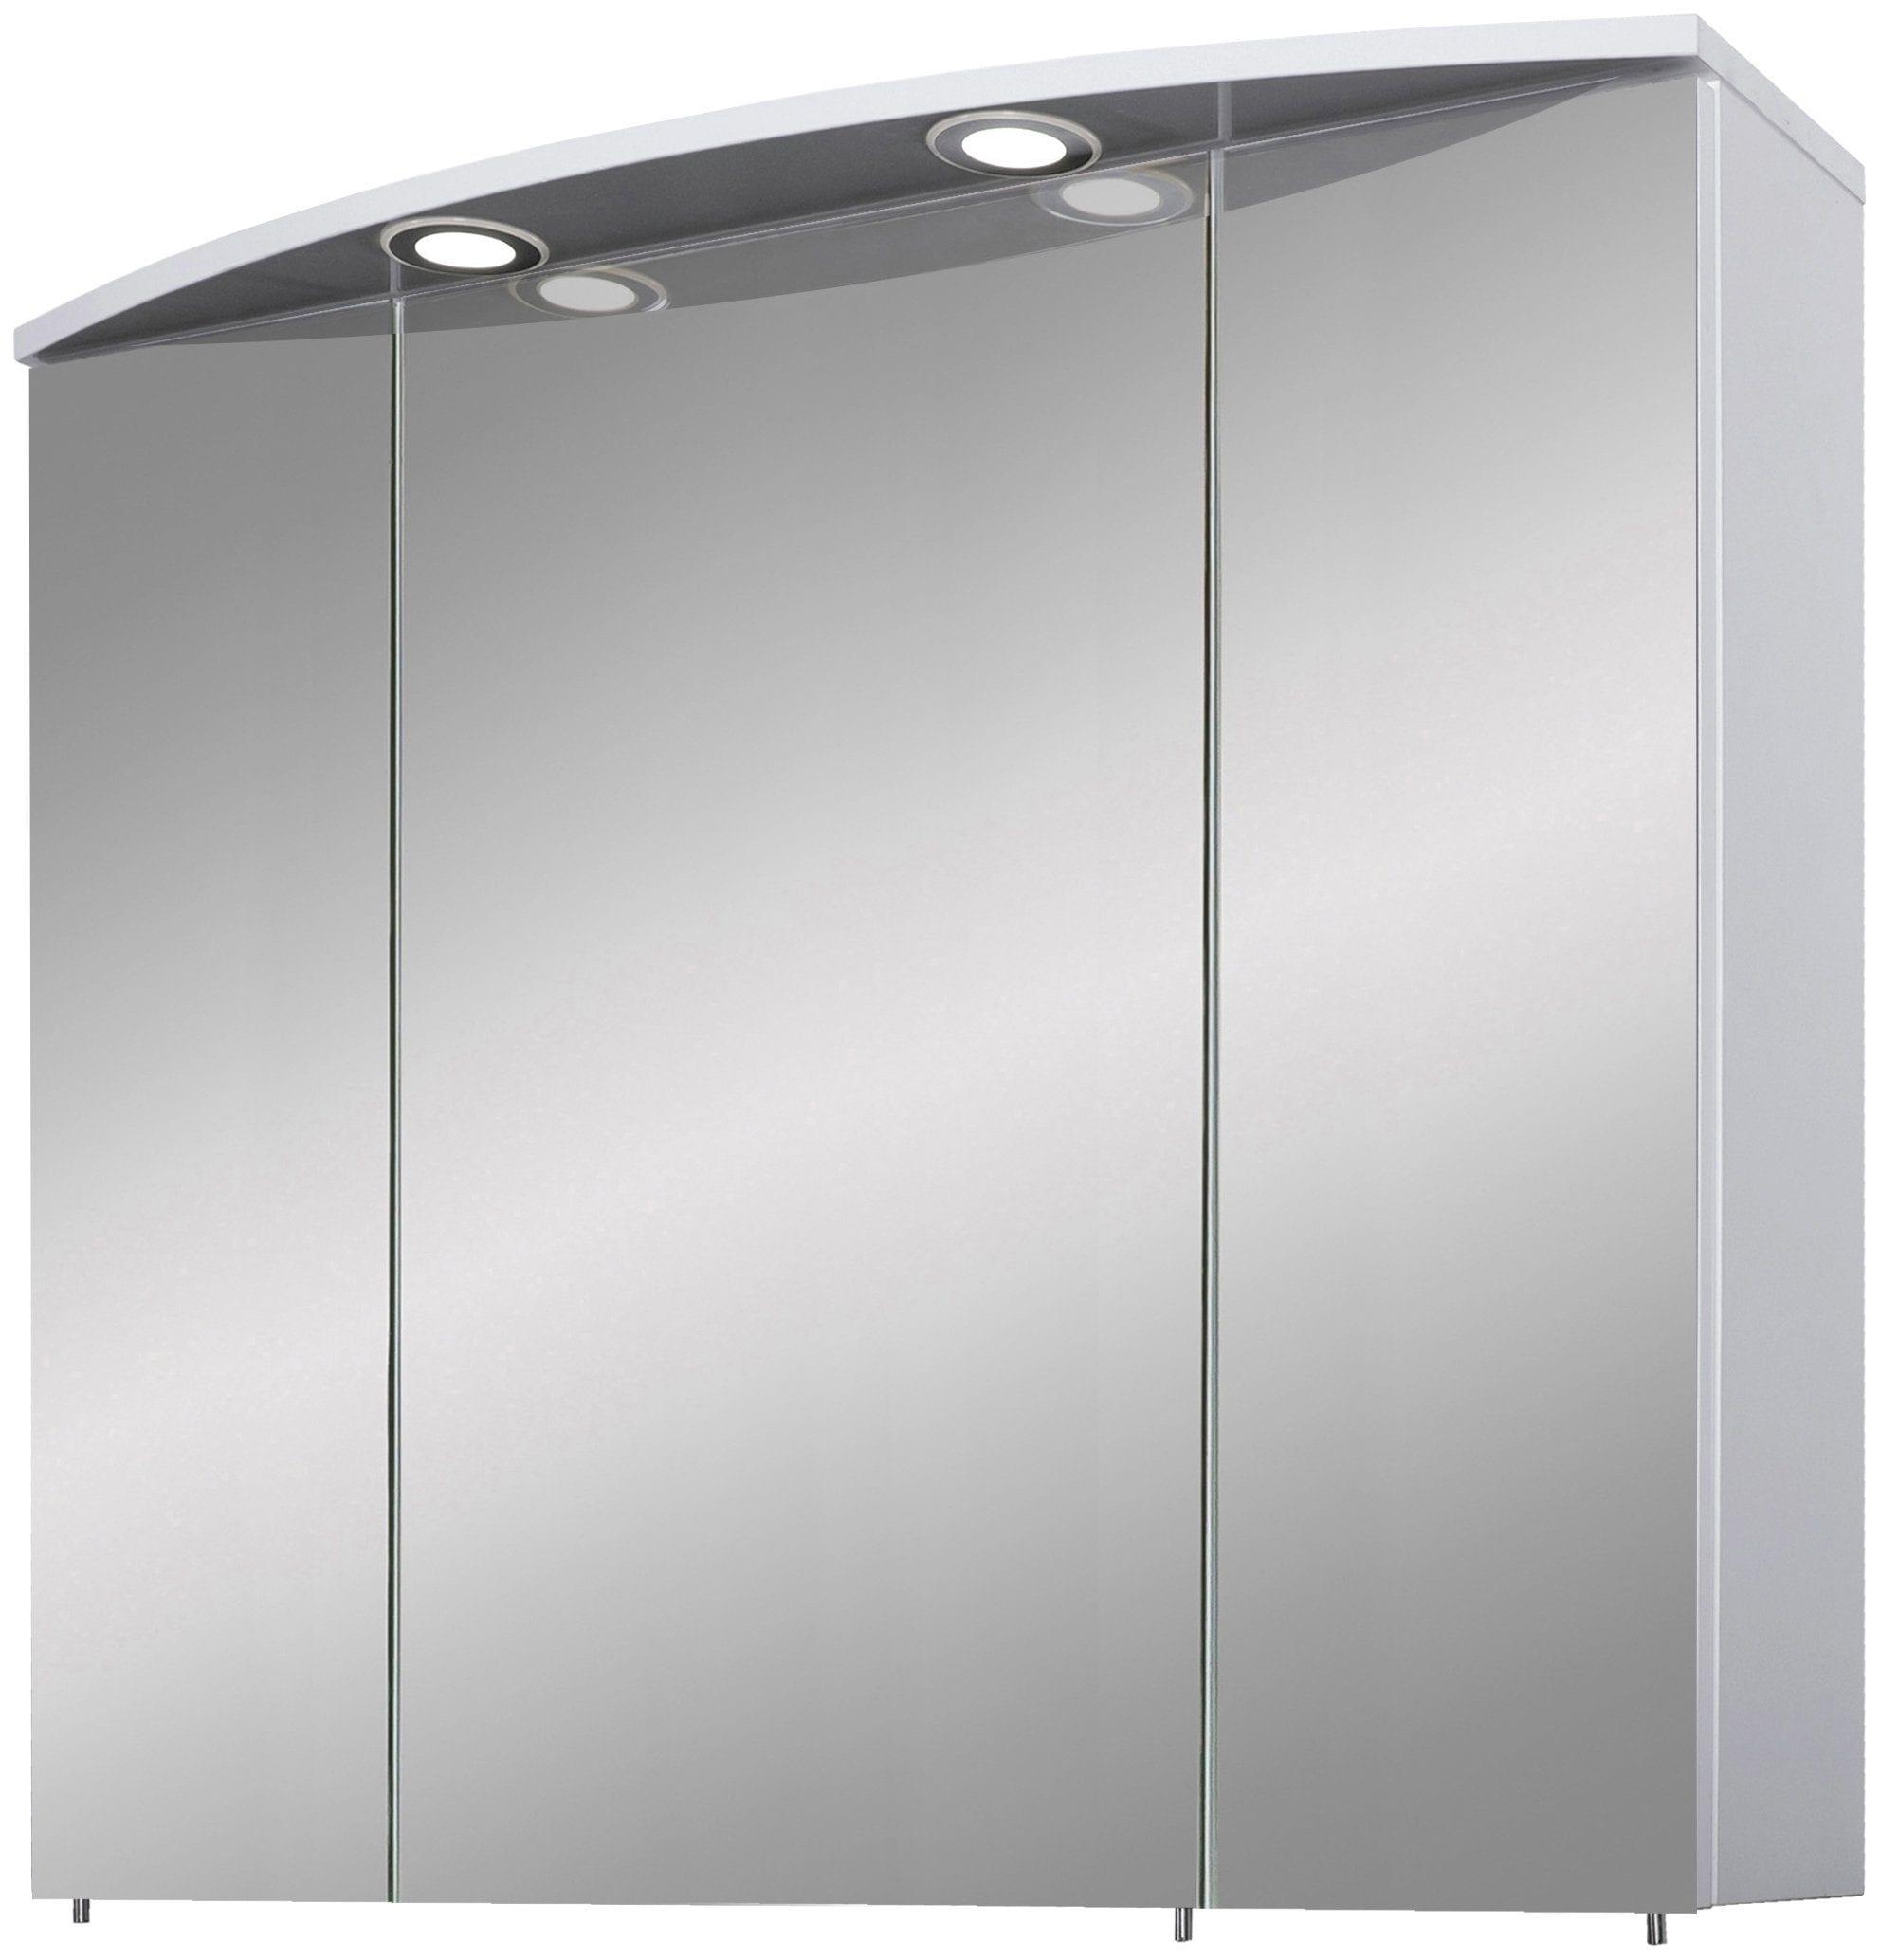 Schildmeyer Spiegelschrank Verona, Breite 80 cm, 3-türig, 2 LED-Einbaustrahler, Schalter-/Steckdosenbox, Glaseinlegeböden, Made in Germany